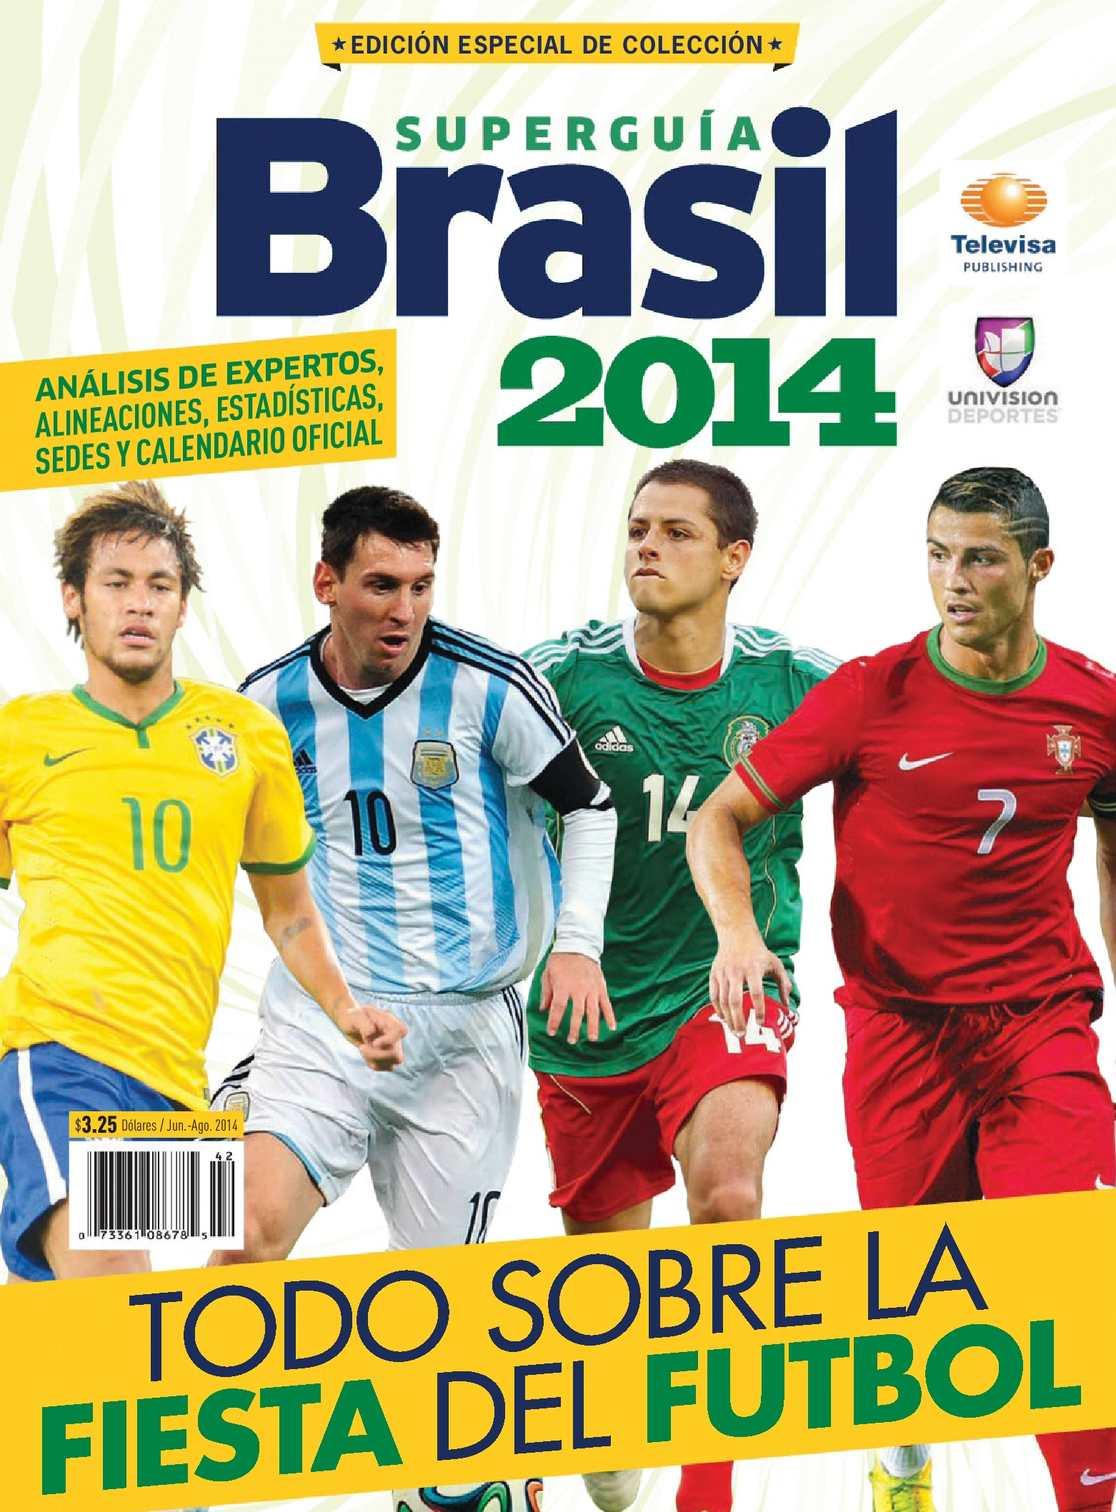 Calaméo - Super Guía de Fútbol Mundial 2014 636dae35f6fcc